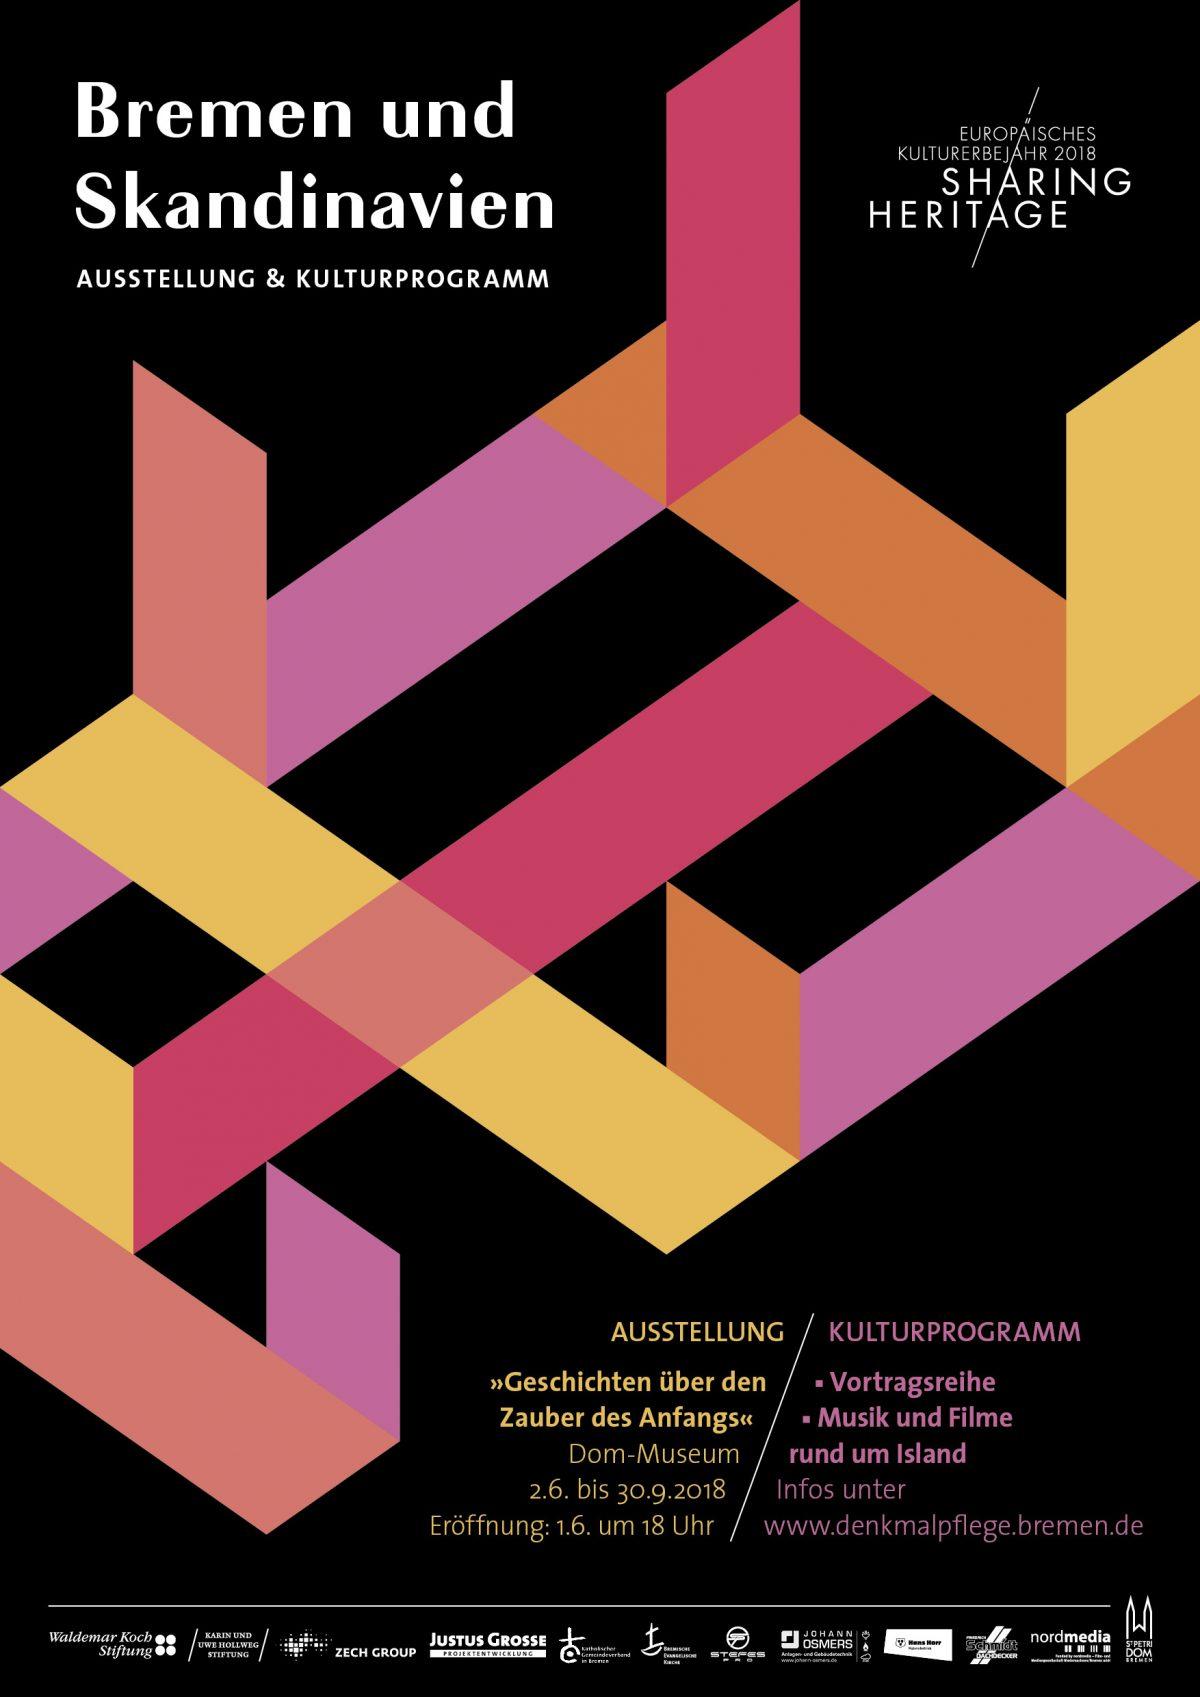 Plakat zur Ausstellung Bremen und Skandinavien von Christine Klein 2018